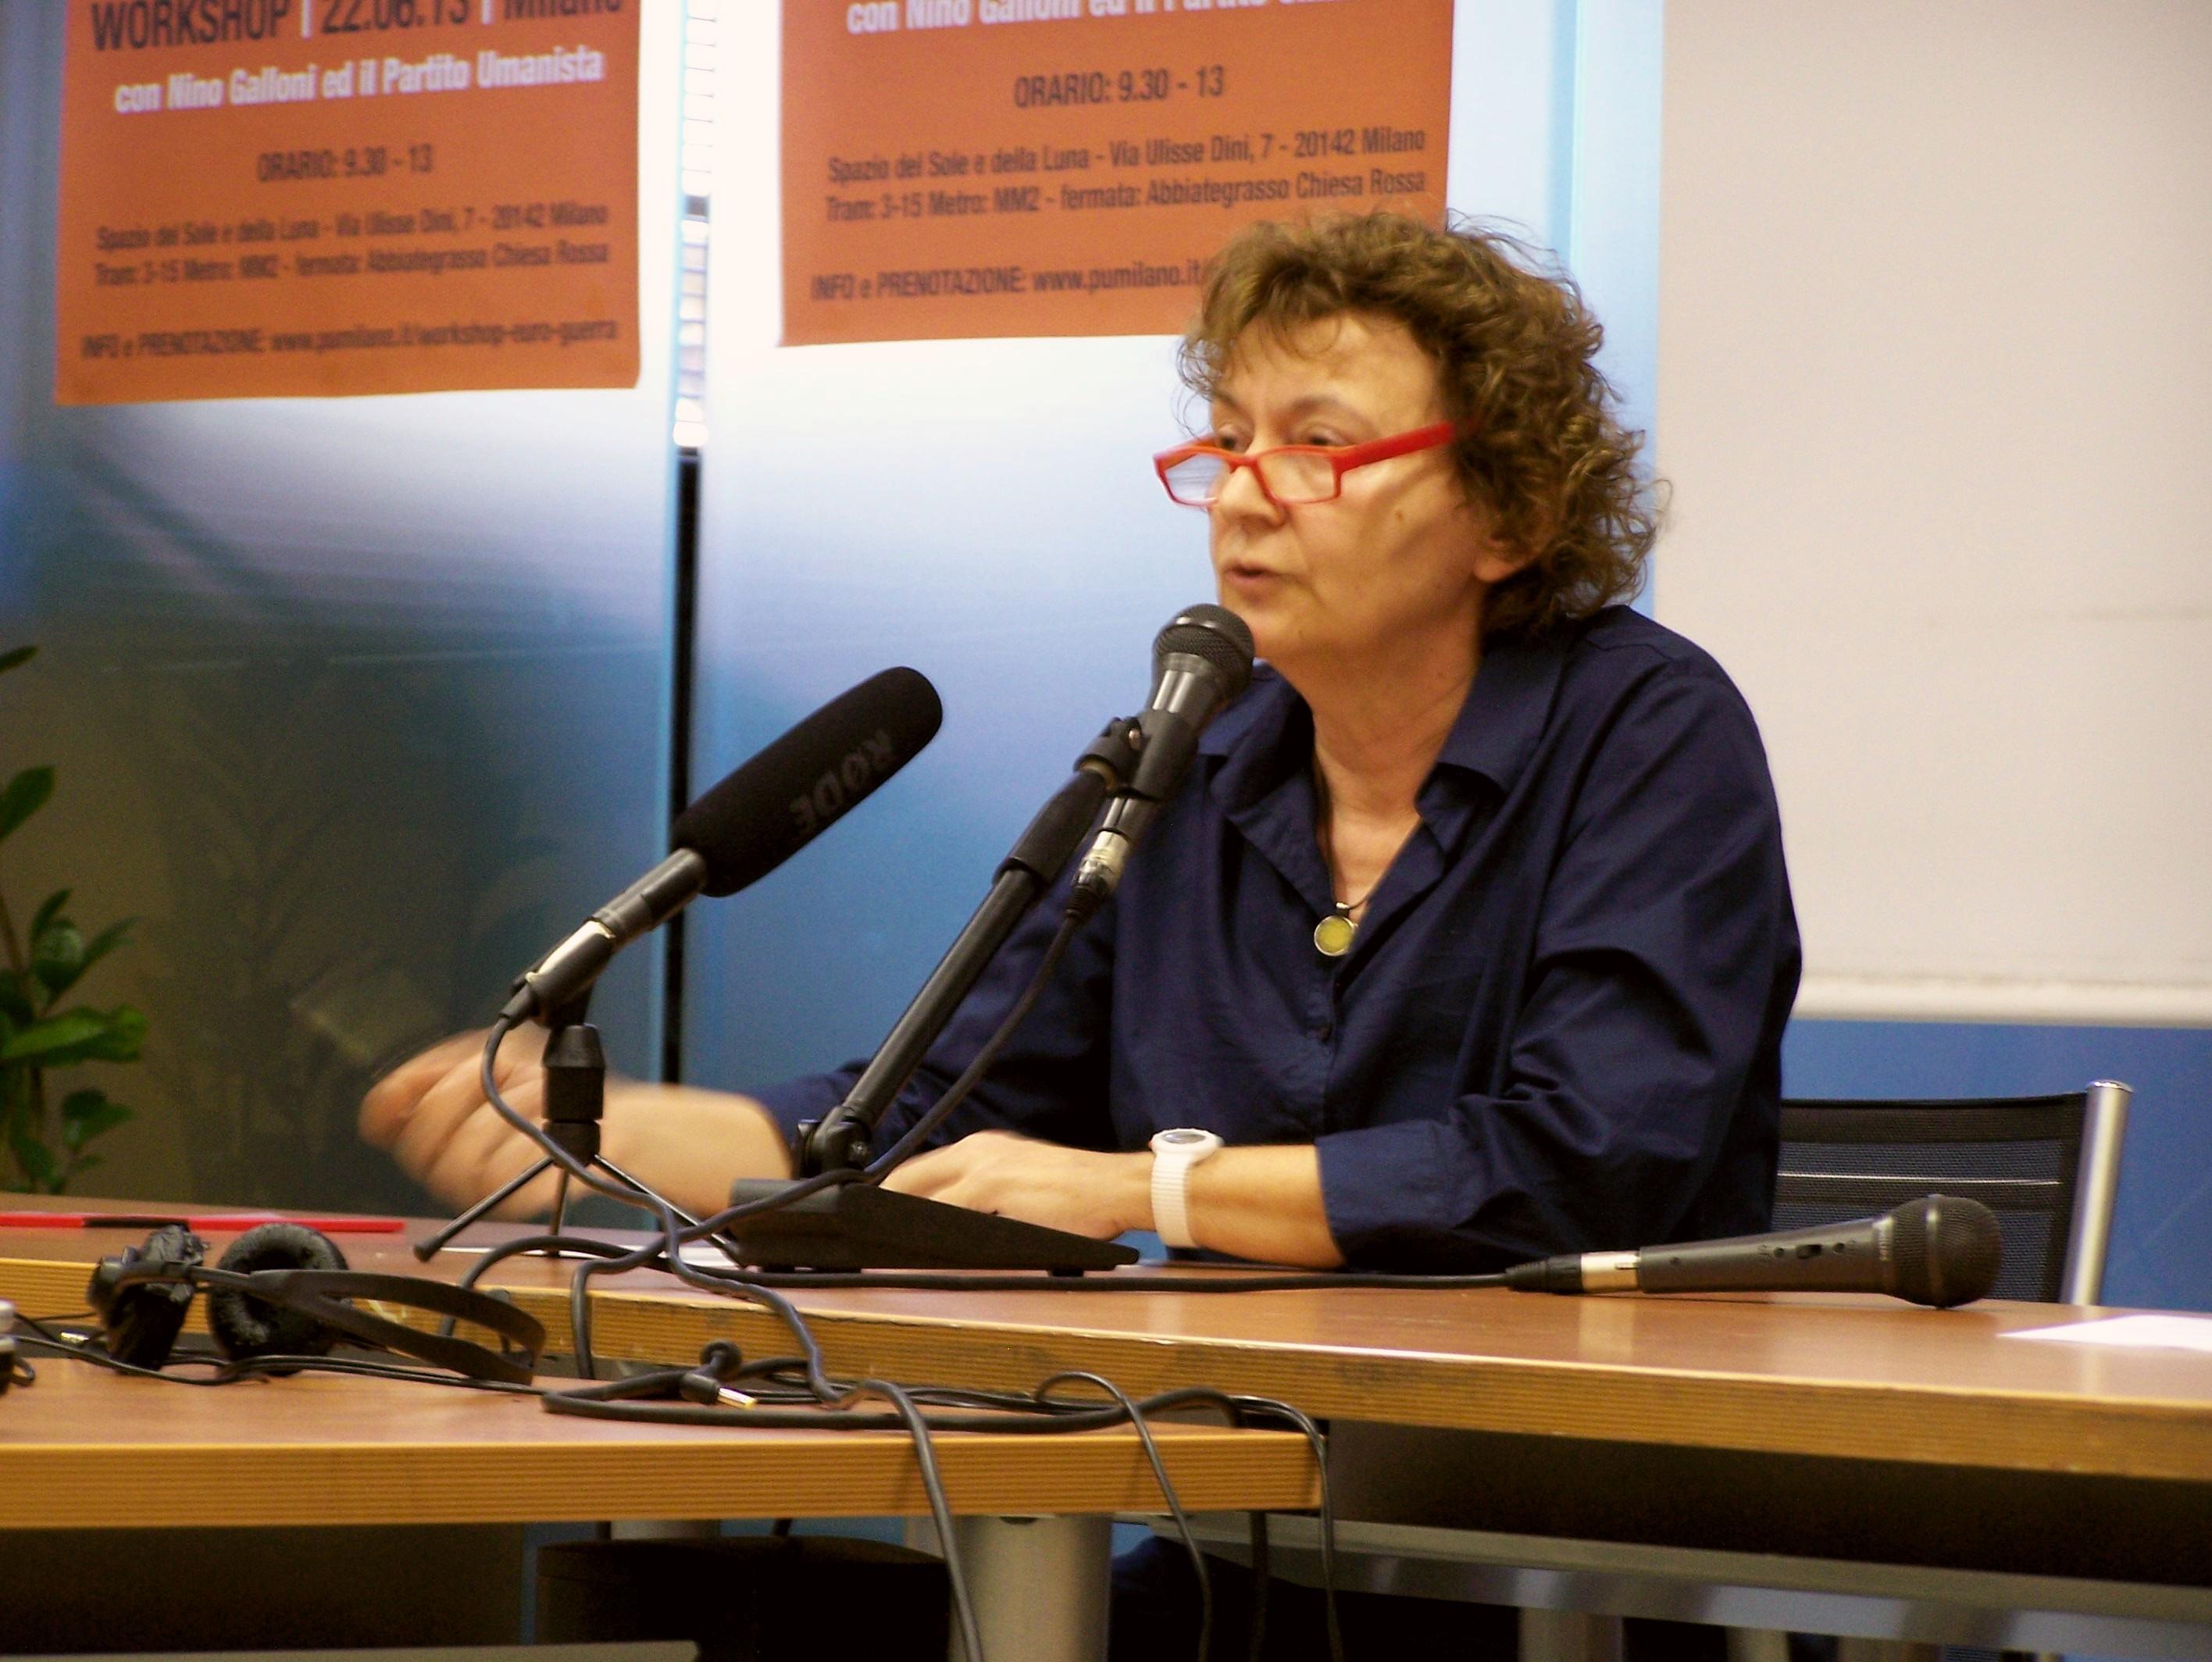 Giovanna Uldadeschi - intervento sul Fallimento dell'economicismo, la democrazia formale e la violenza